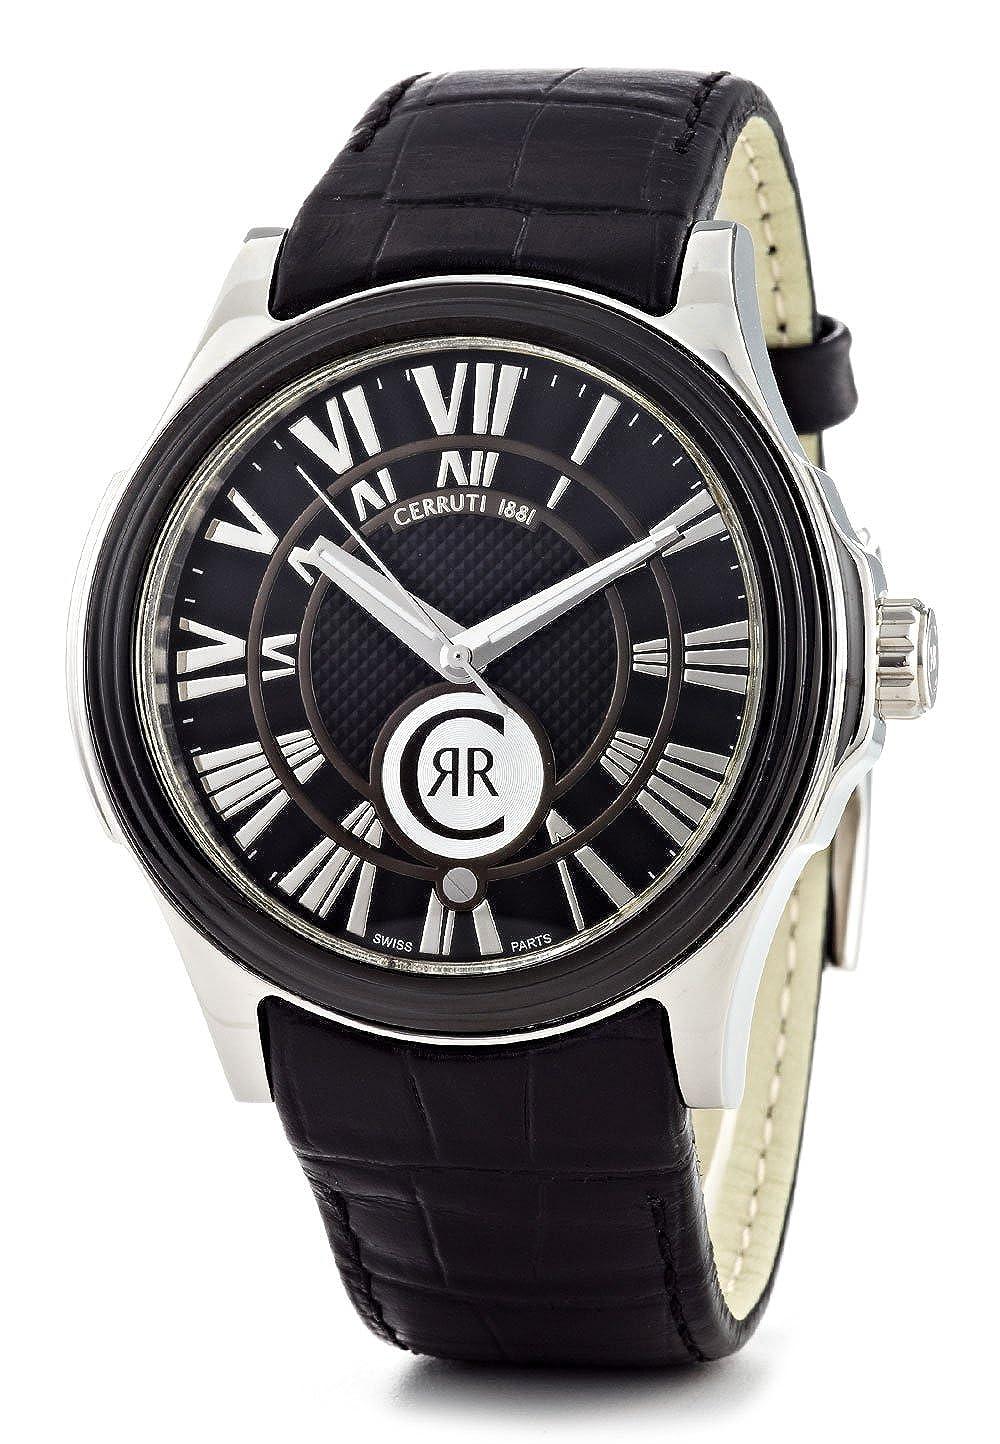 Cerruti CRA025E222B - Reloj analógico de caballero de cuarzo con correa de piel negra - sumergible a 50 metros